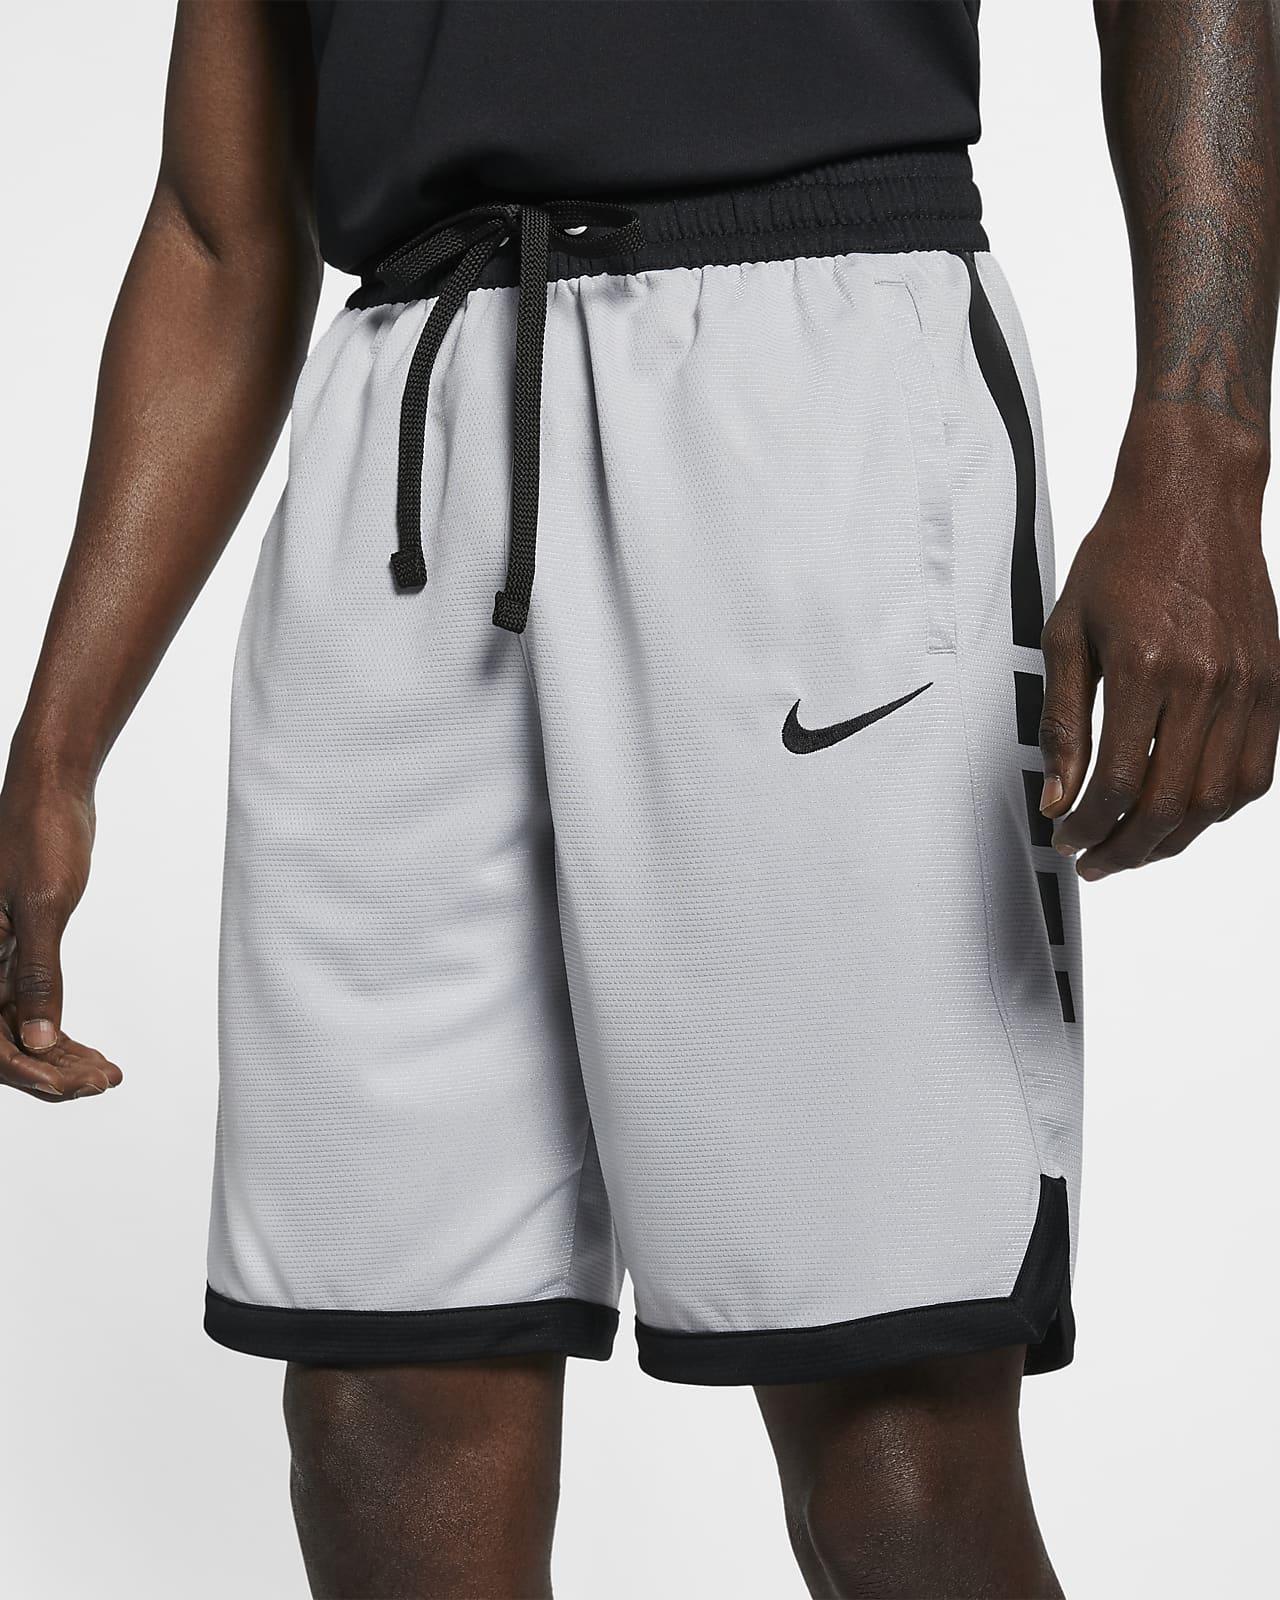 Nike Dri-FIT Elite Men's Basketball Shorts